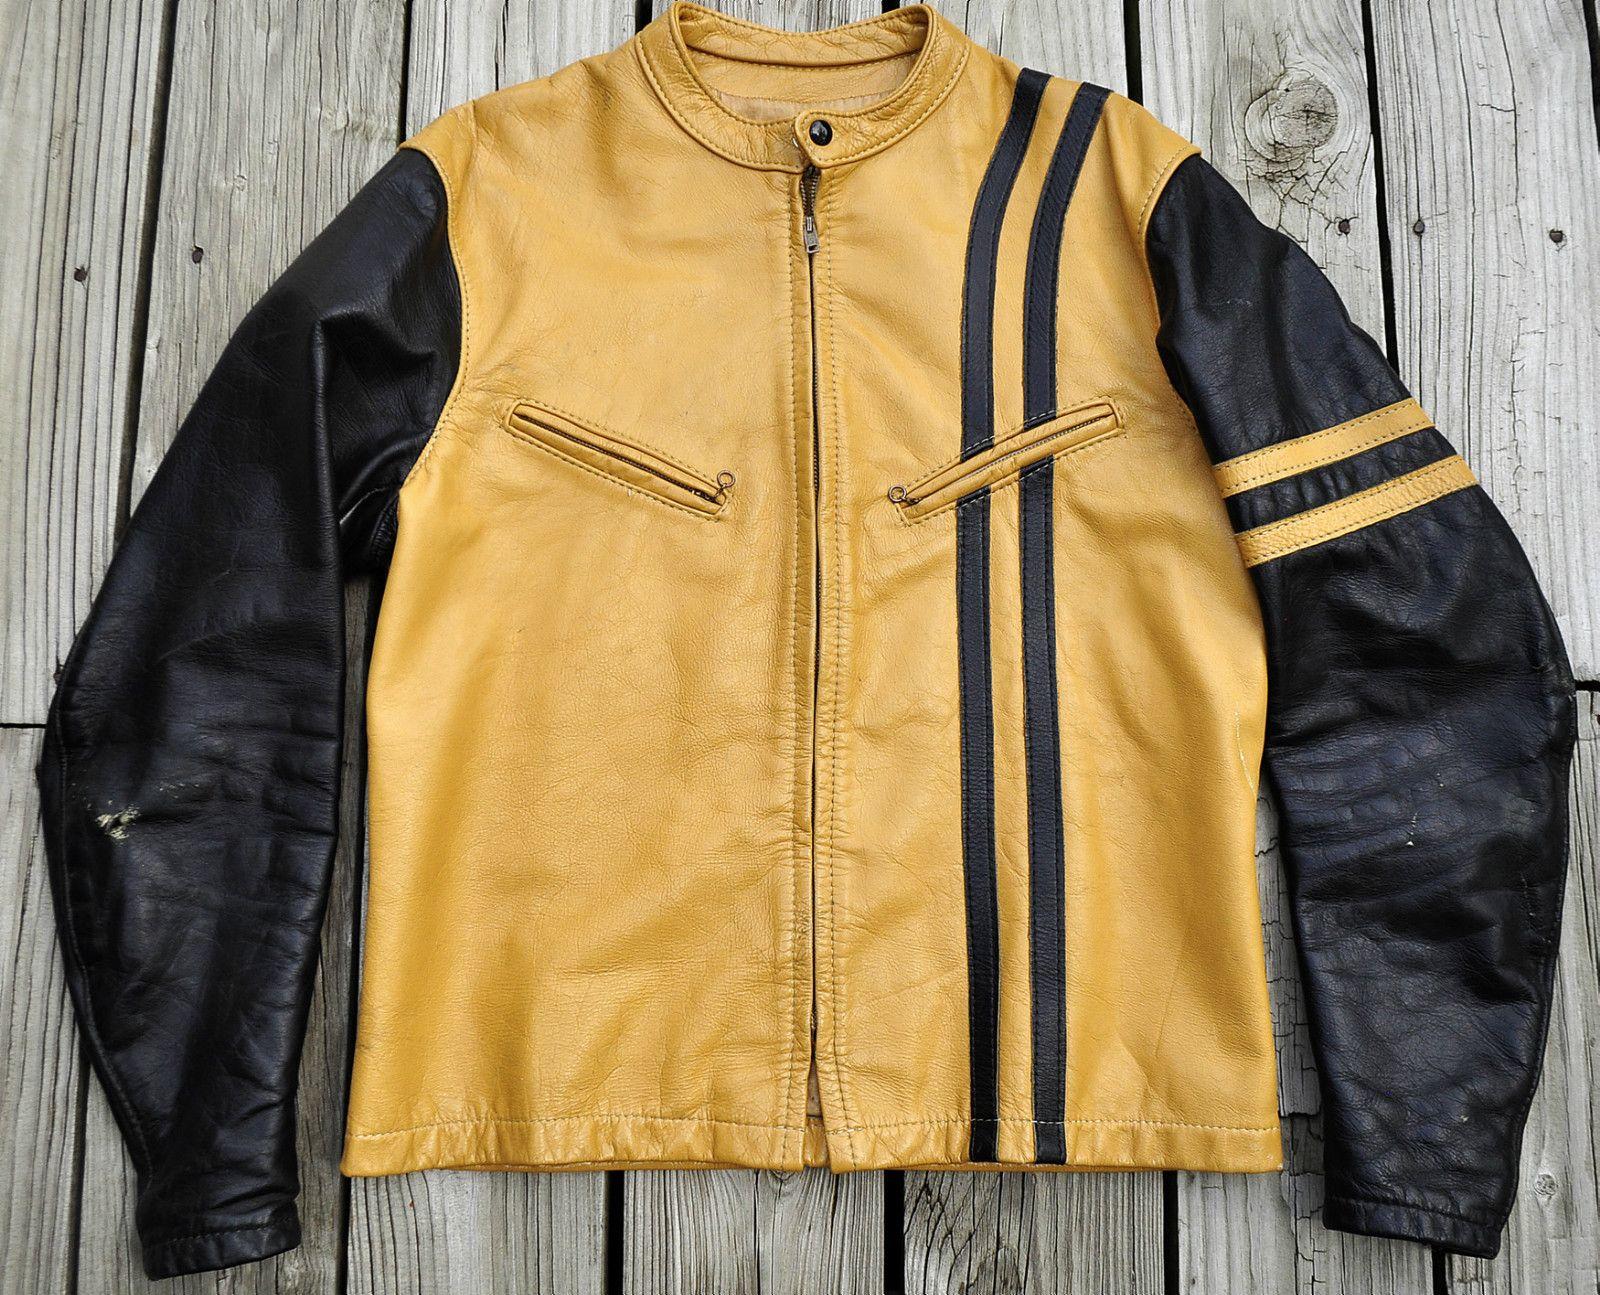 Leather jacket yellow stripe - Sold On Ebay Bates Cafe Racer Jacket An Awesome 60 S Bates Cafe Racer Jacket